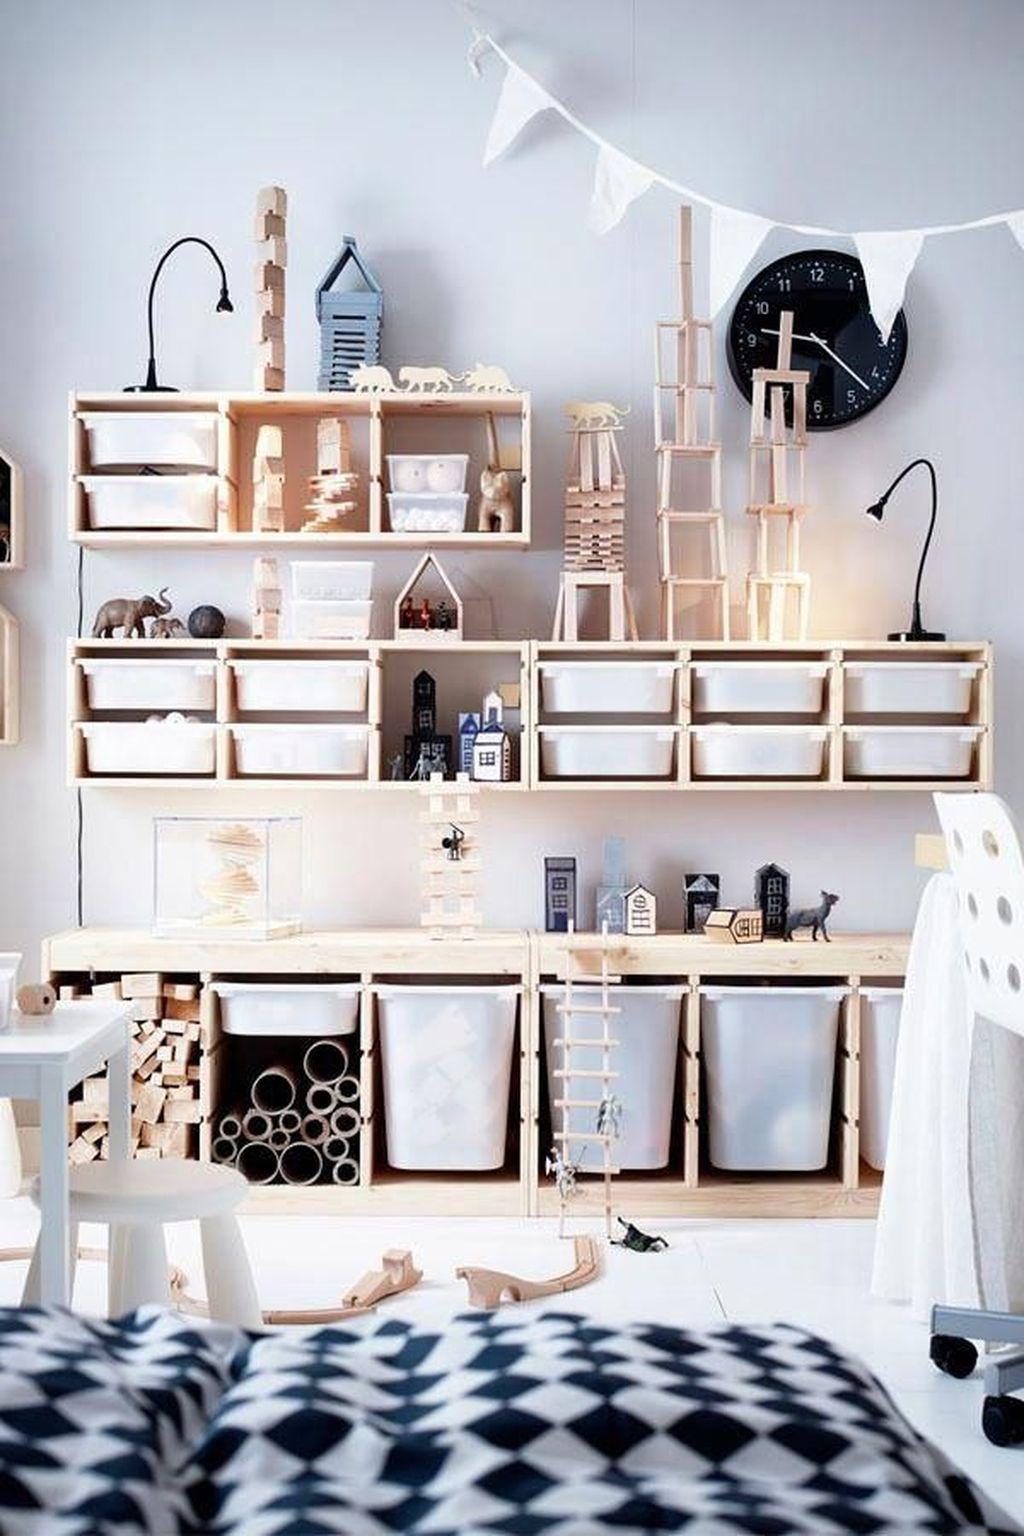 Inspiring Toy Storage Design Ideas 22